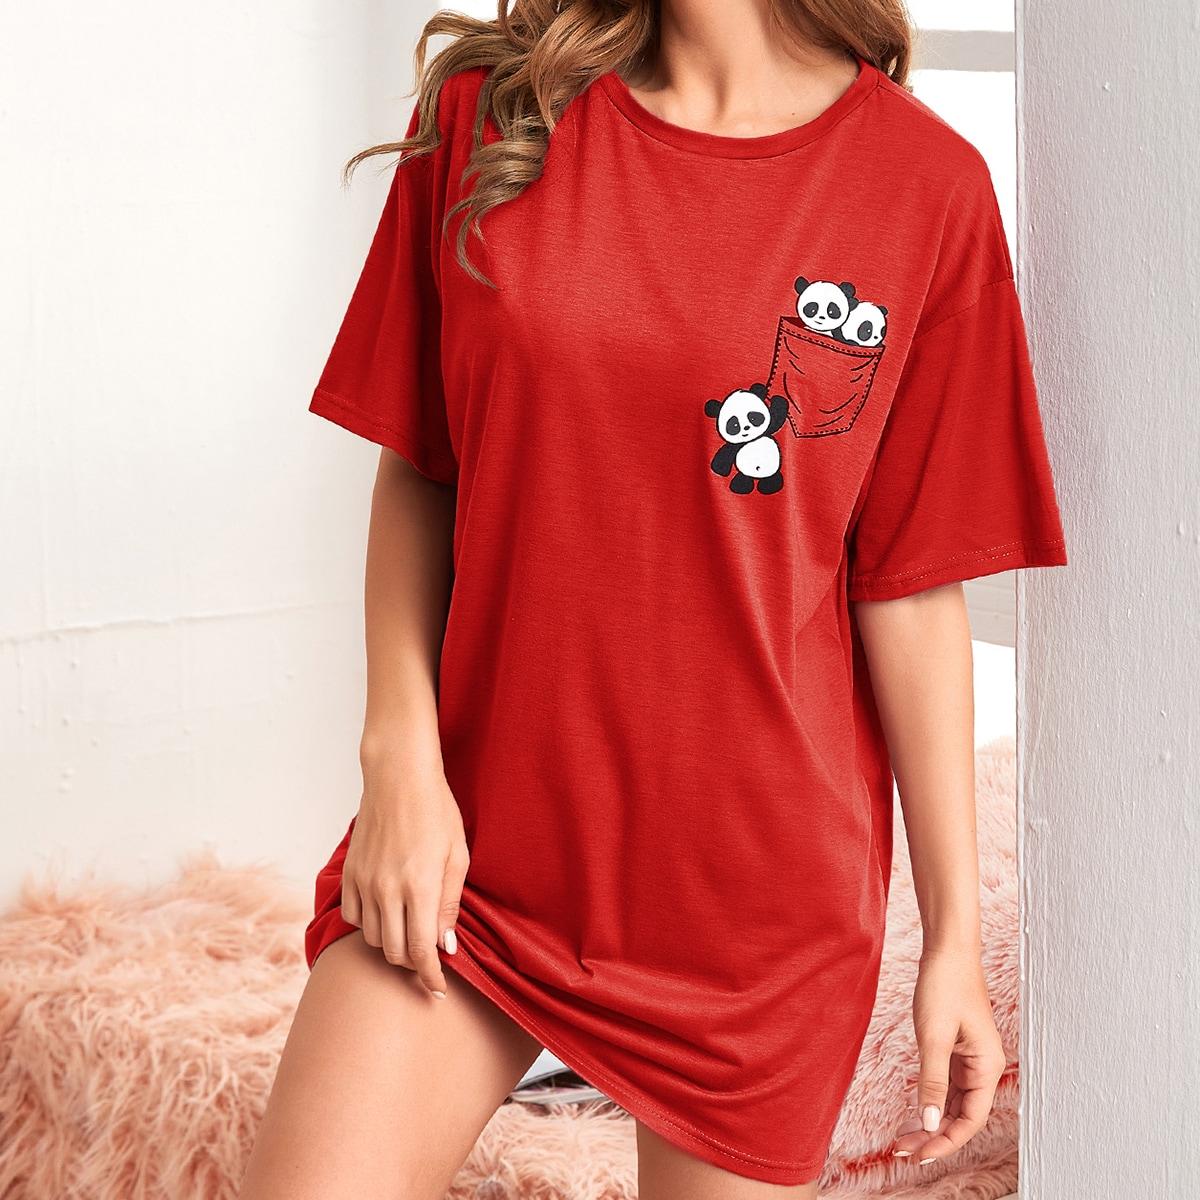 Ночная рубашка с принтом панды по цене 700